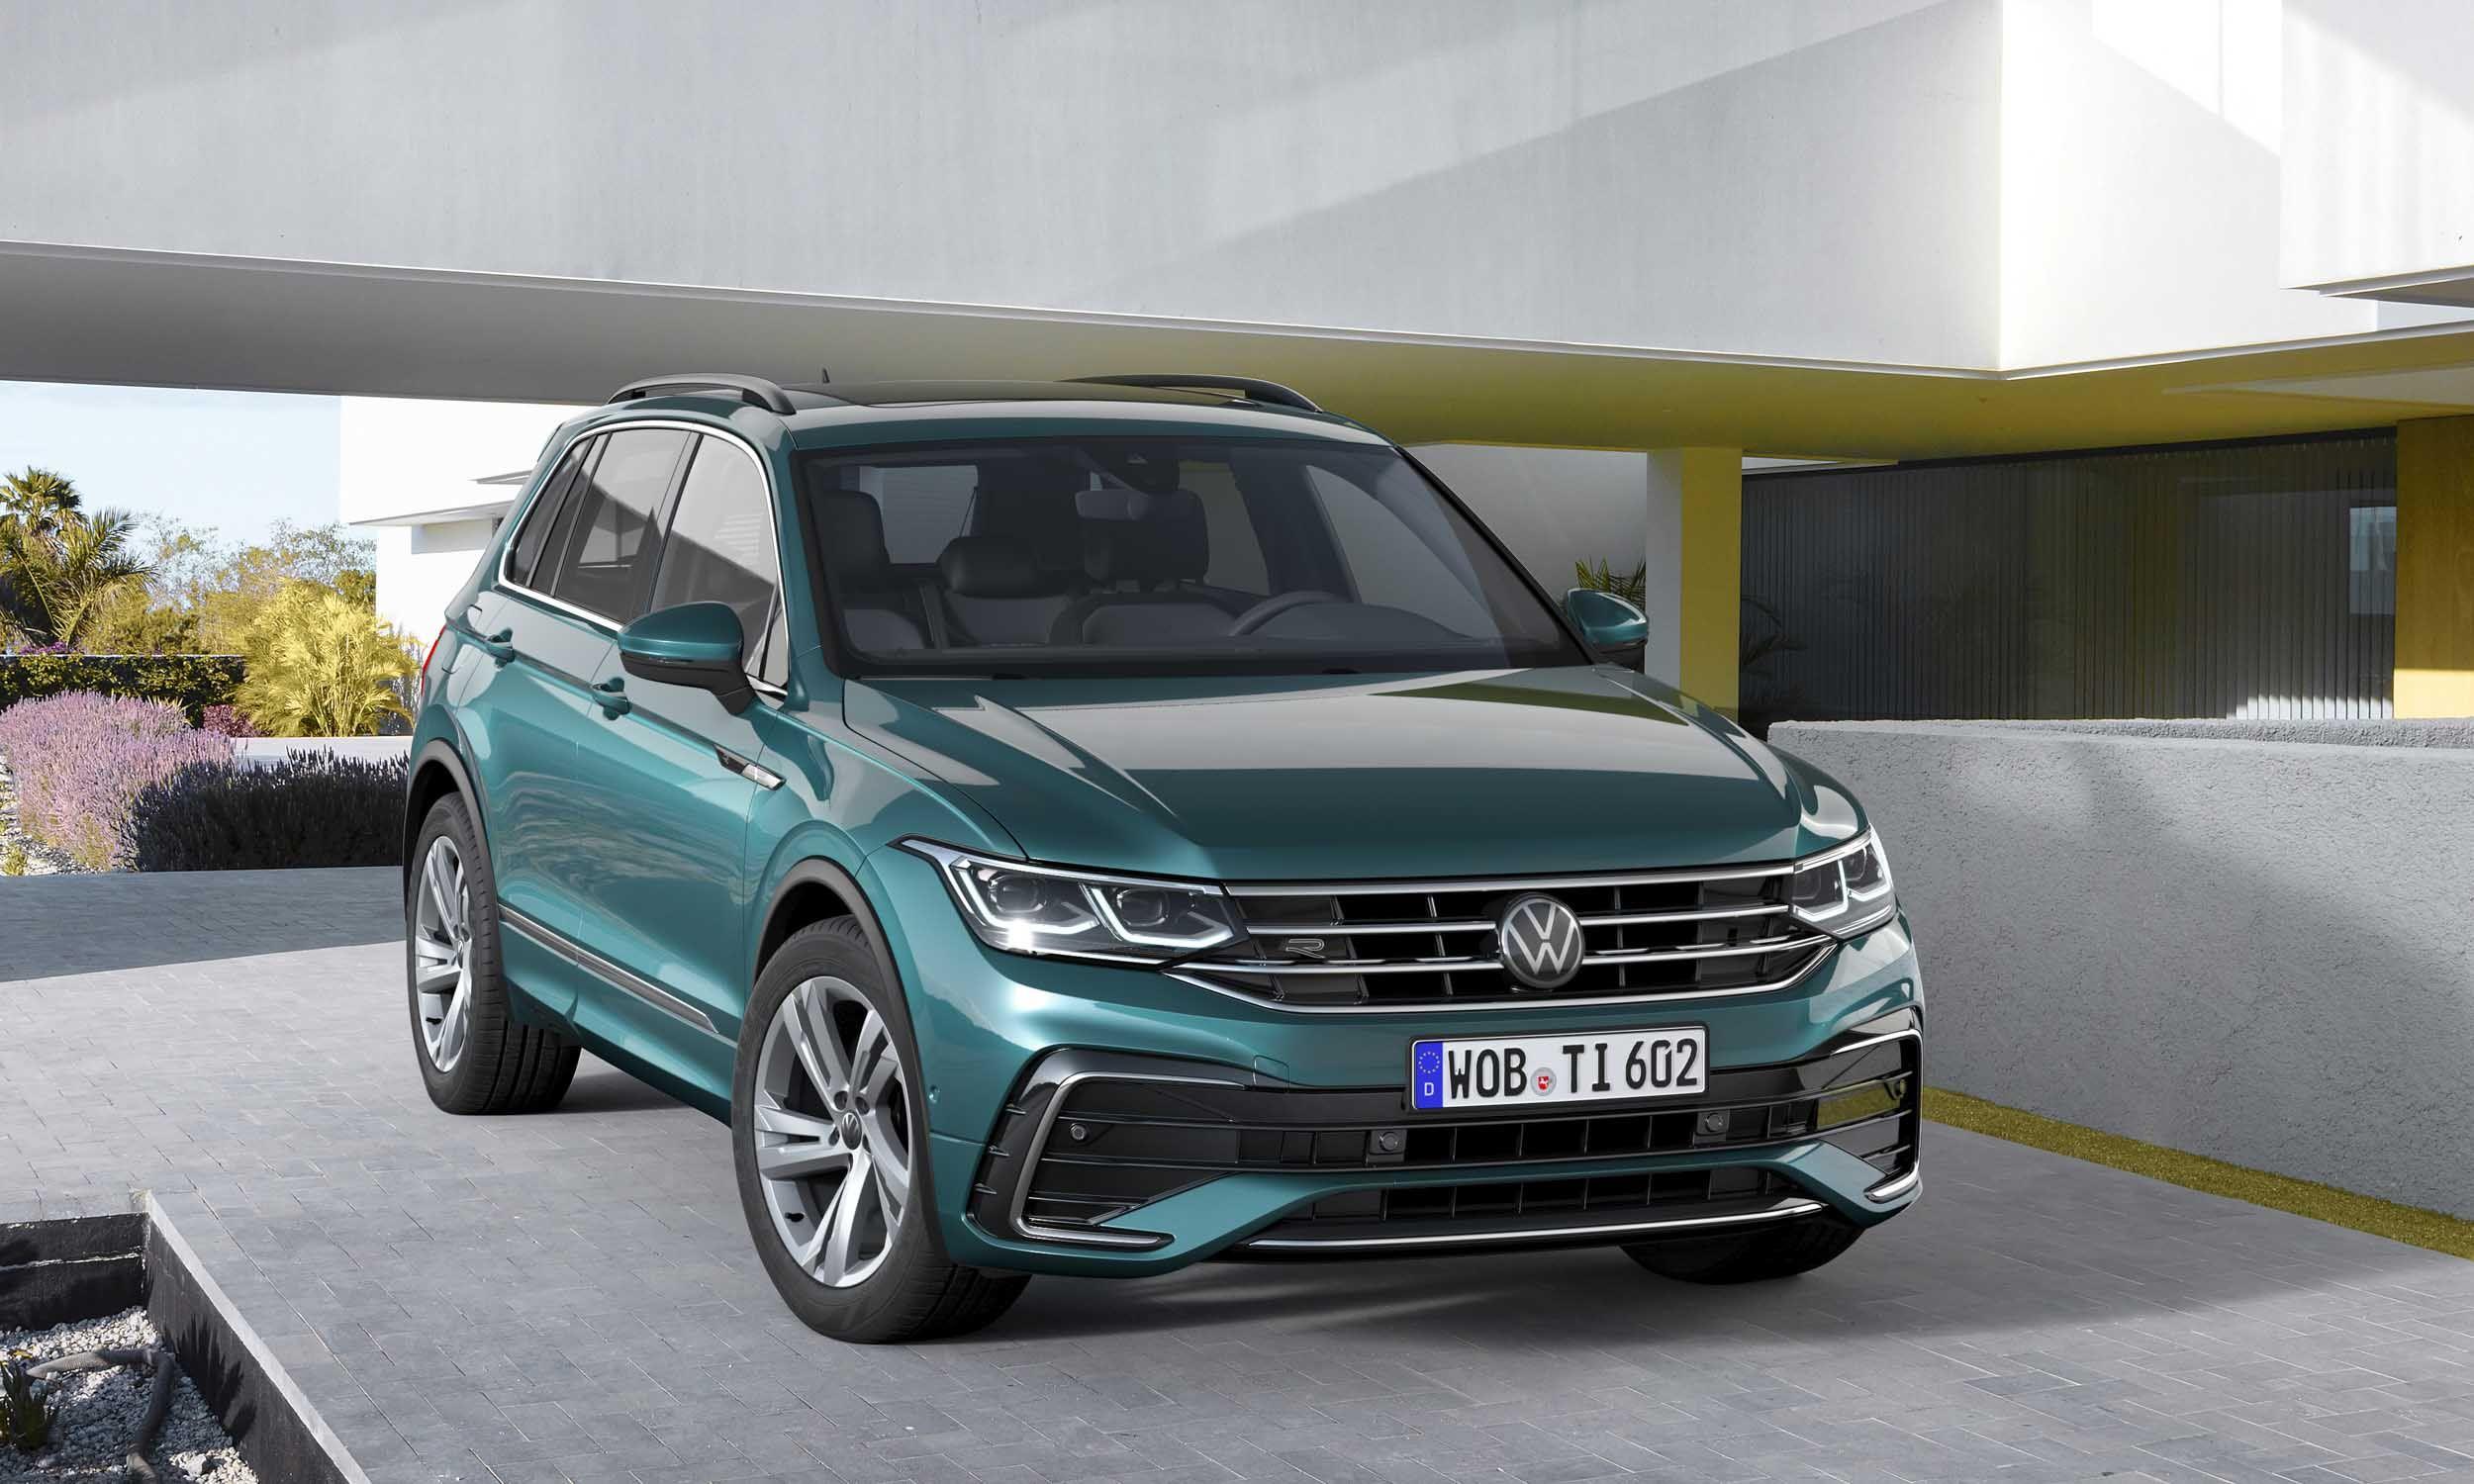 2022 Volkswagen Tiguan First Look In 2020 Volkswagen Vw Volkswagen Volkswagen Models